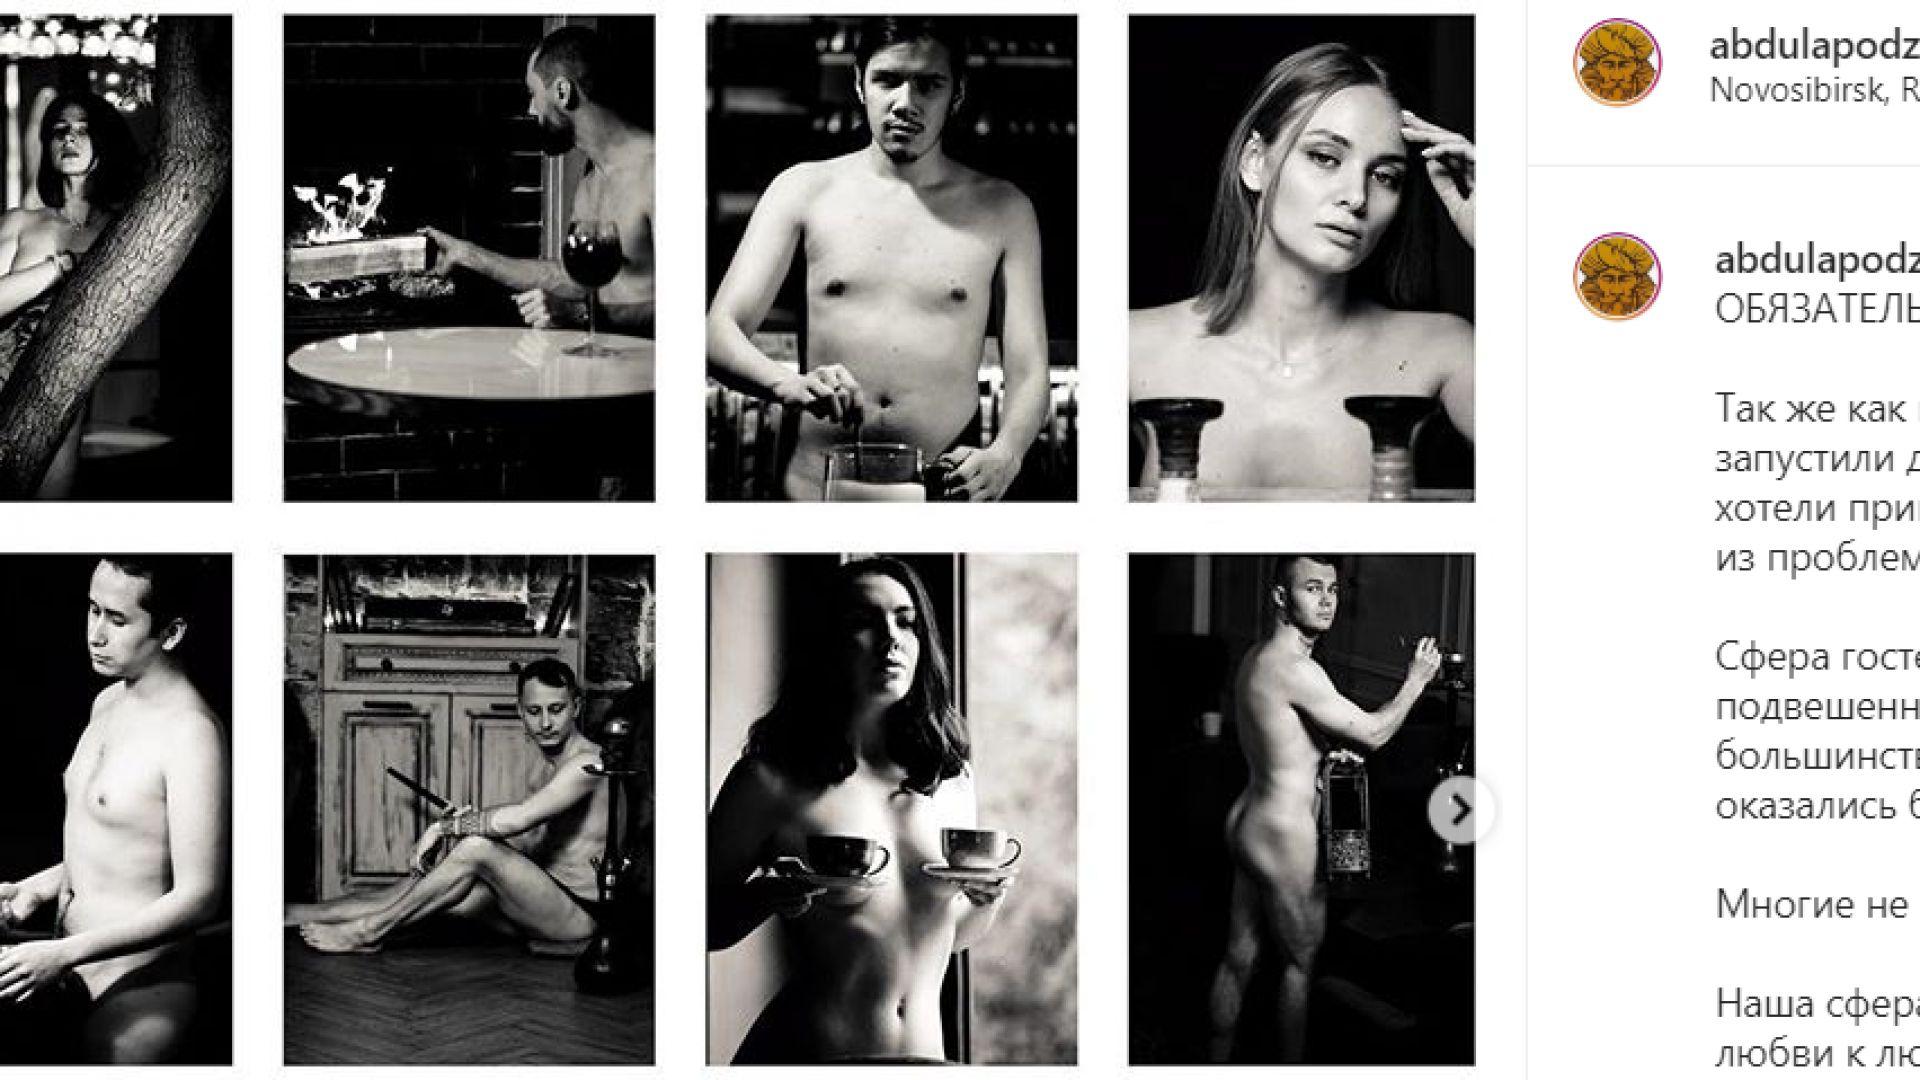 Руски ресторантьори се съблякоха голи протестно заради спрения бизнес (снимки)